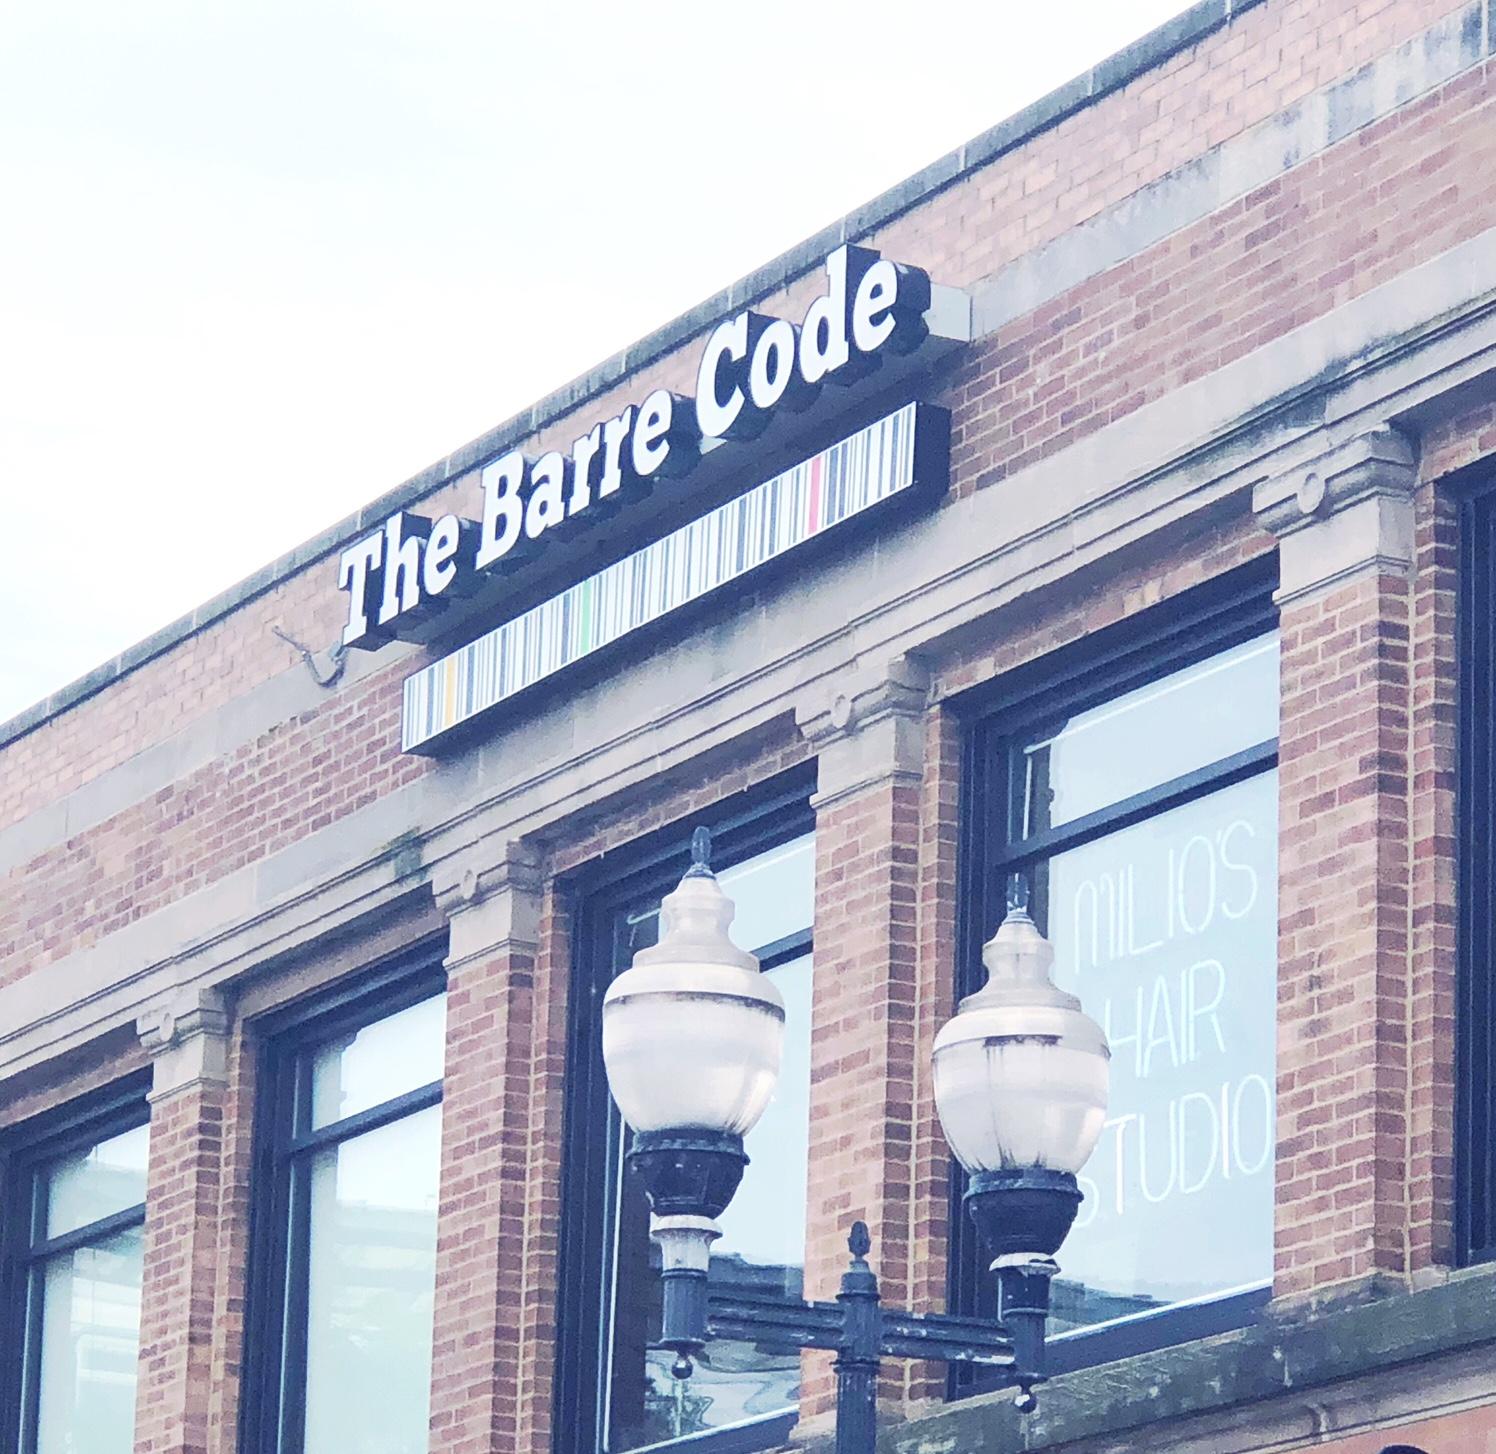 Barre Code studio in Chicago.